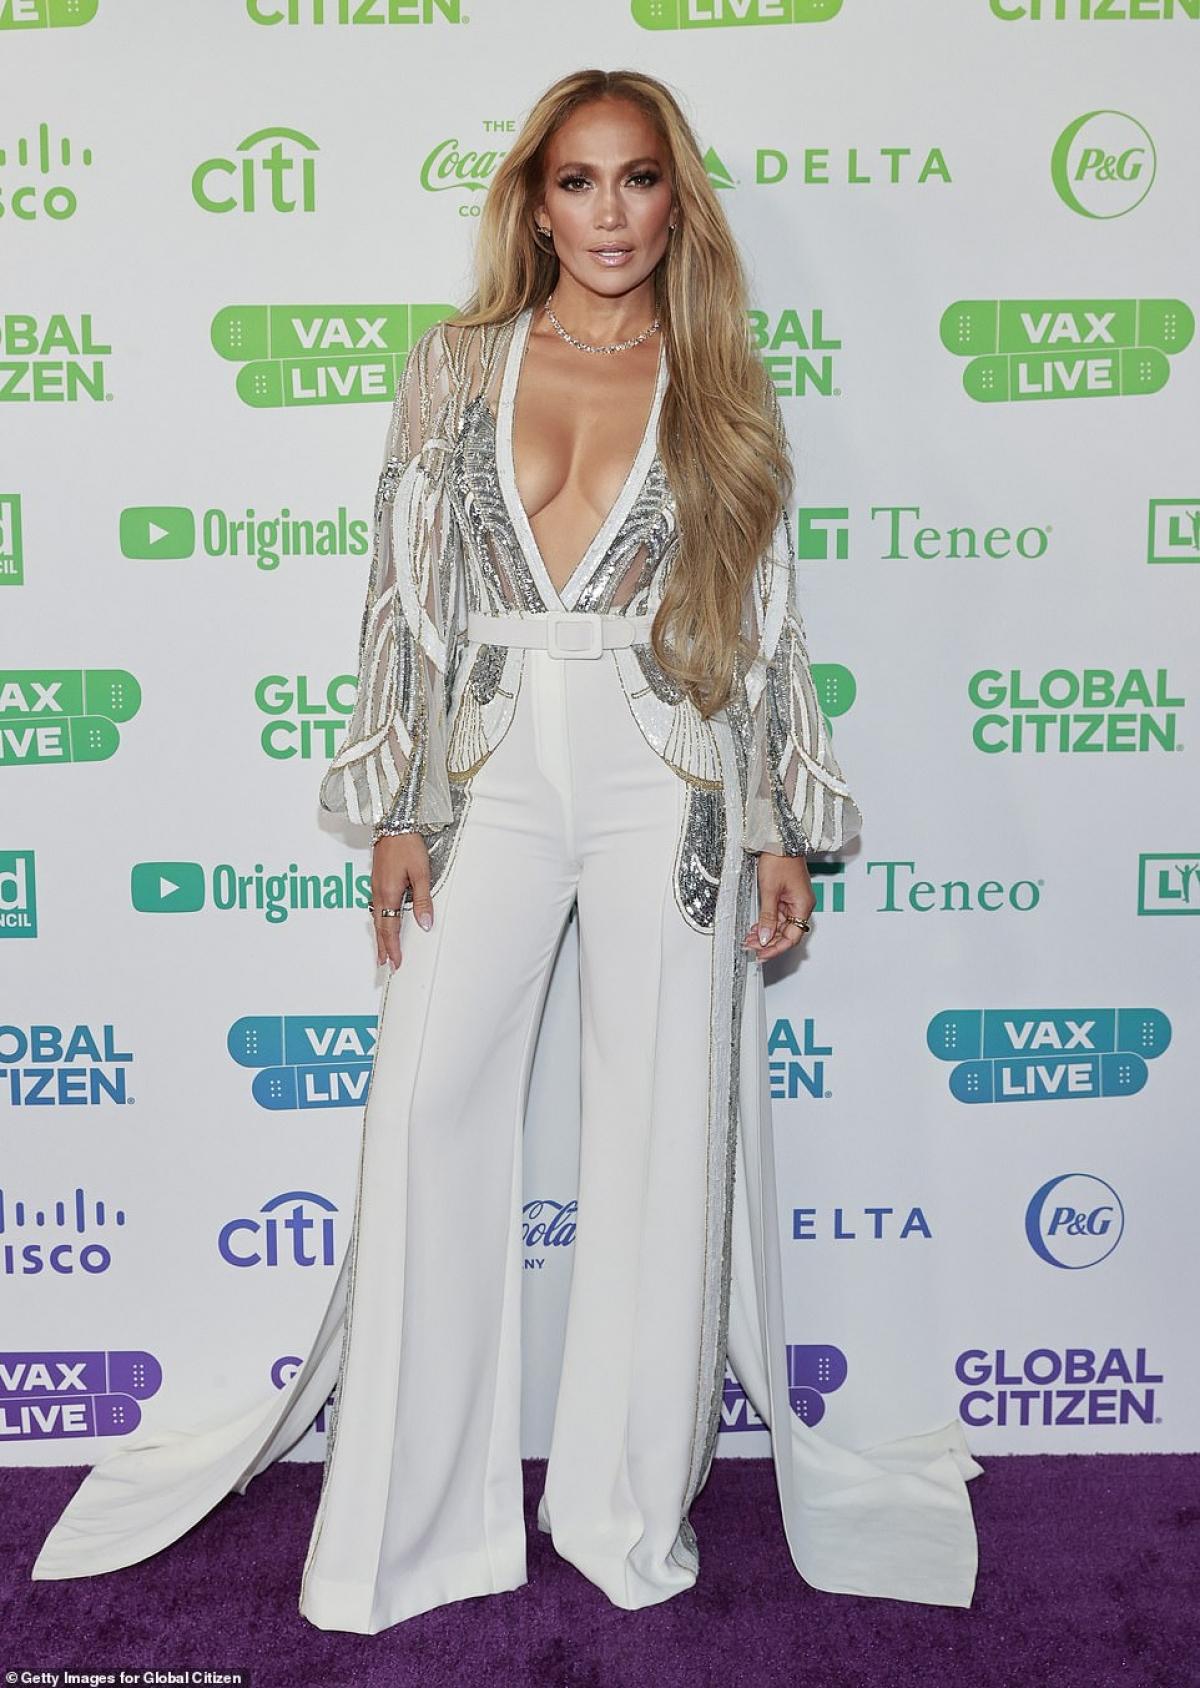 Mới đây, Jennifer Lopez thu hút mọi ánh nhìn khi xuất hiện trên thảm đỏ sự kiện âm nhạc Vax Live do Global Citizen (tổ chức giáo dục và vận động quốc tế hoạt động nhằm thúc đẩy phong trào xóa đói giảm nghèo) khởi xướng diễn ra tại California.